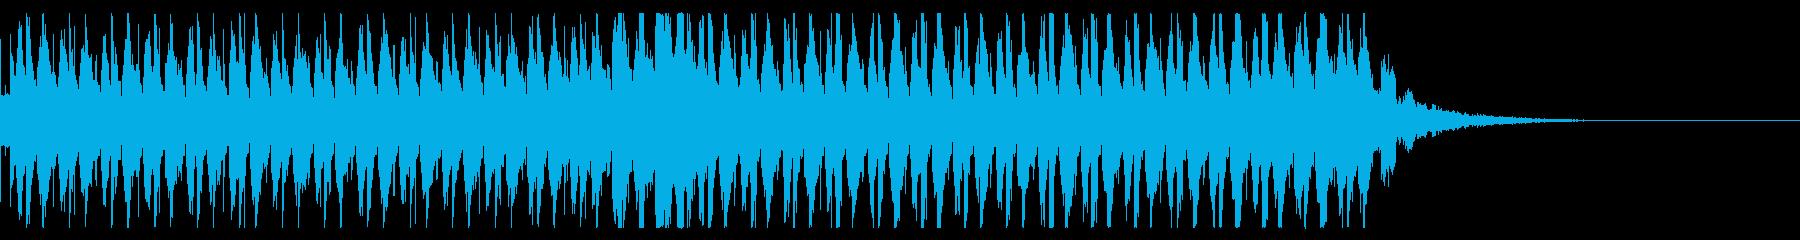 夏!トロピカルハウス <CMサイズ>の再生済みの波形